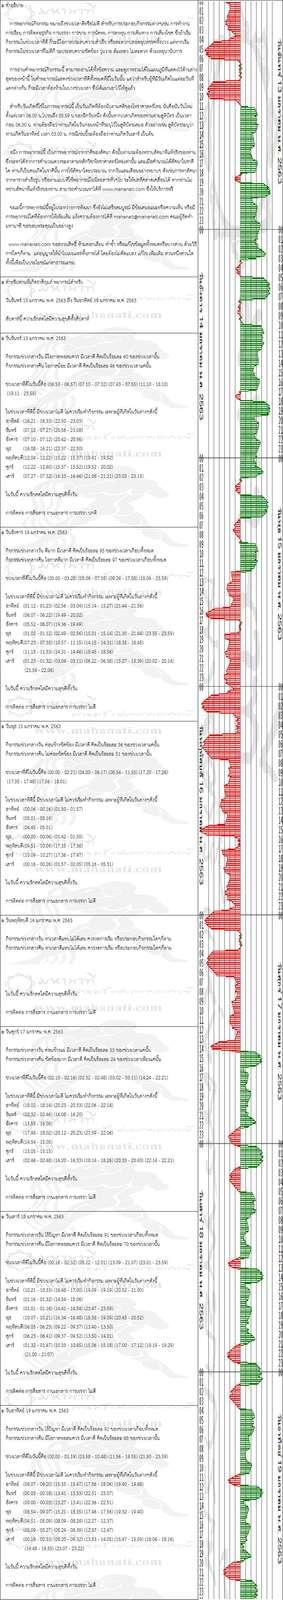 q3s6g6iwm5AcnLKU45N-o.jpg